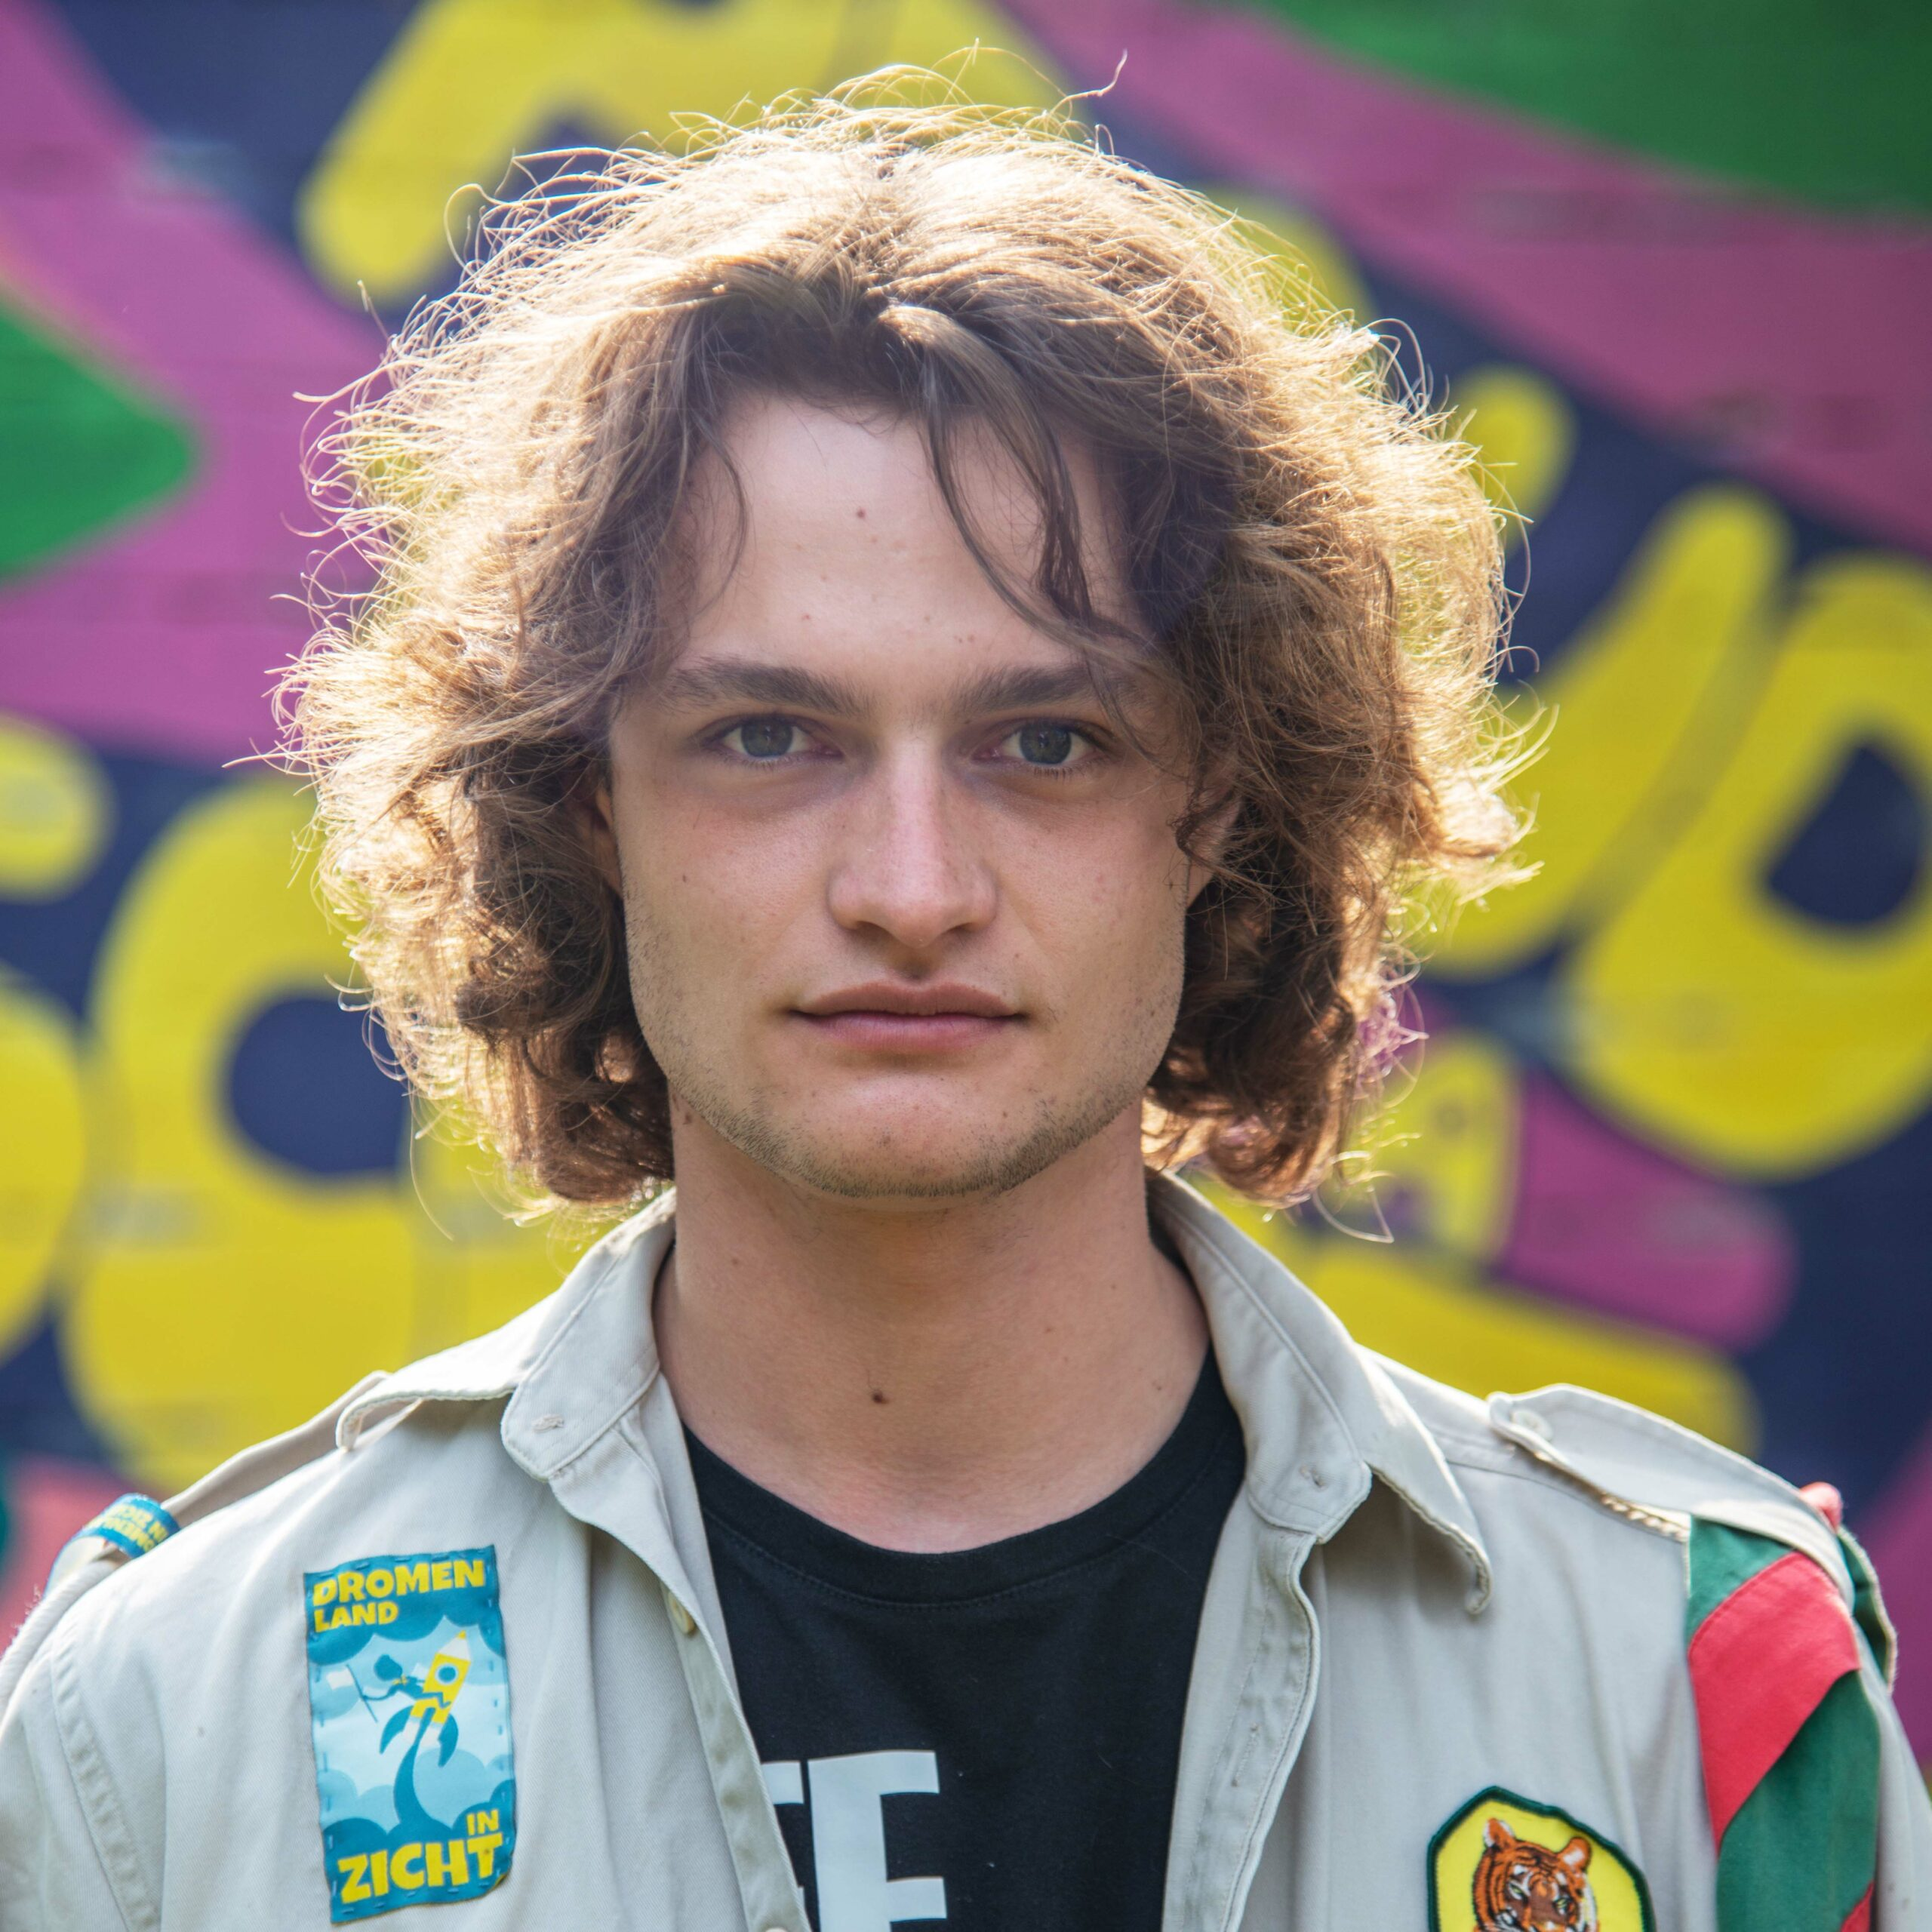 Max Cornilly